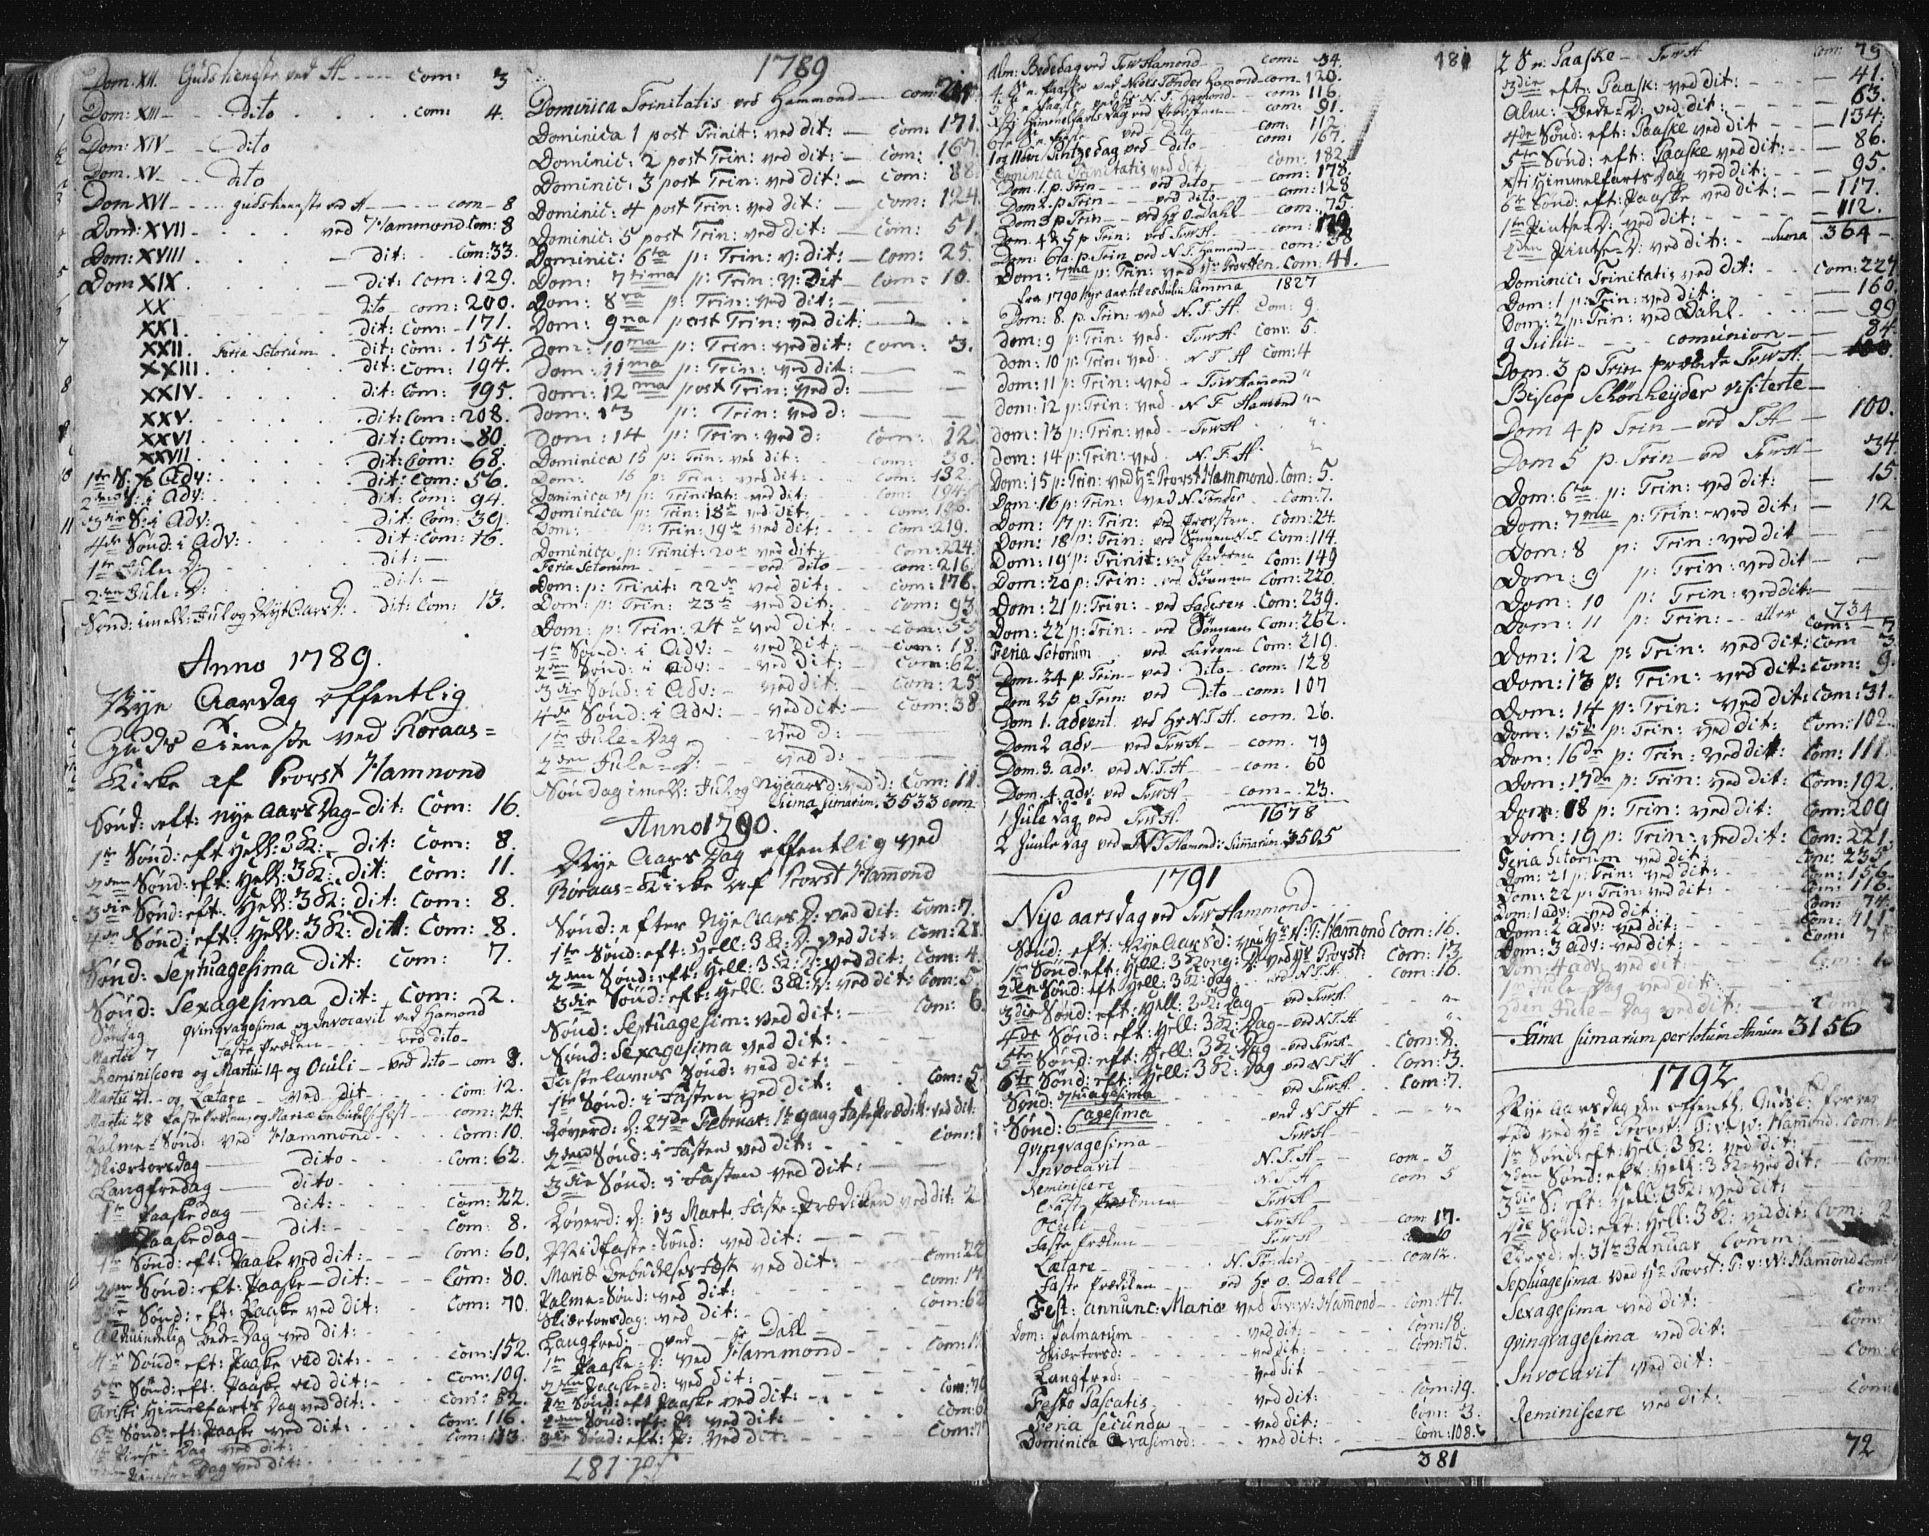 SAT, Ministerialprotokoller, klokkerbøker og fødselsregistre - Sør-Trøndelag, 681/L0926: Ministerialbok nr. 681A04, 1767-1797, s. 181